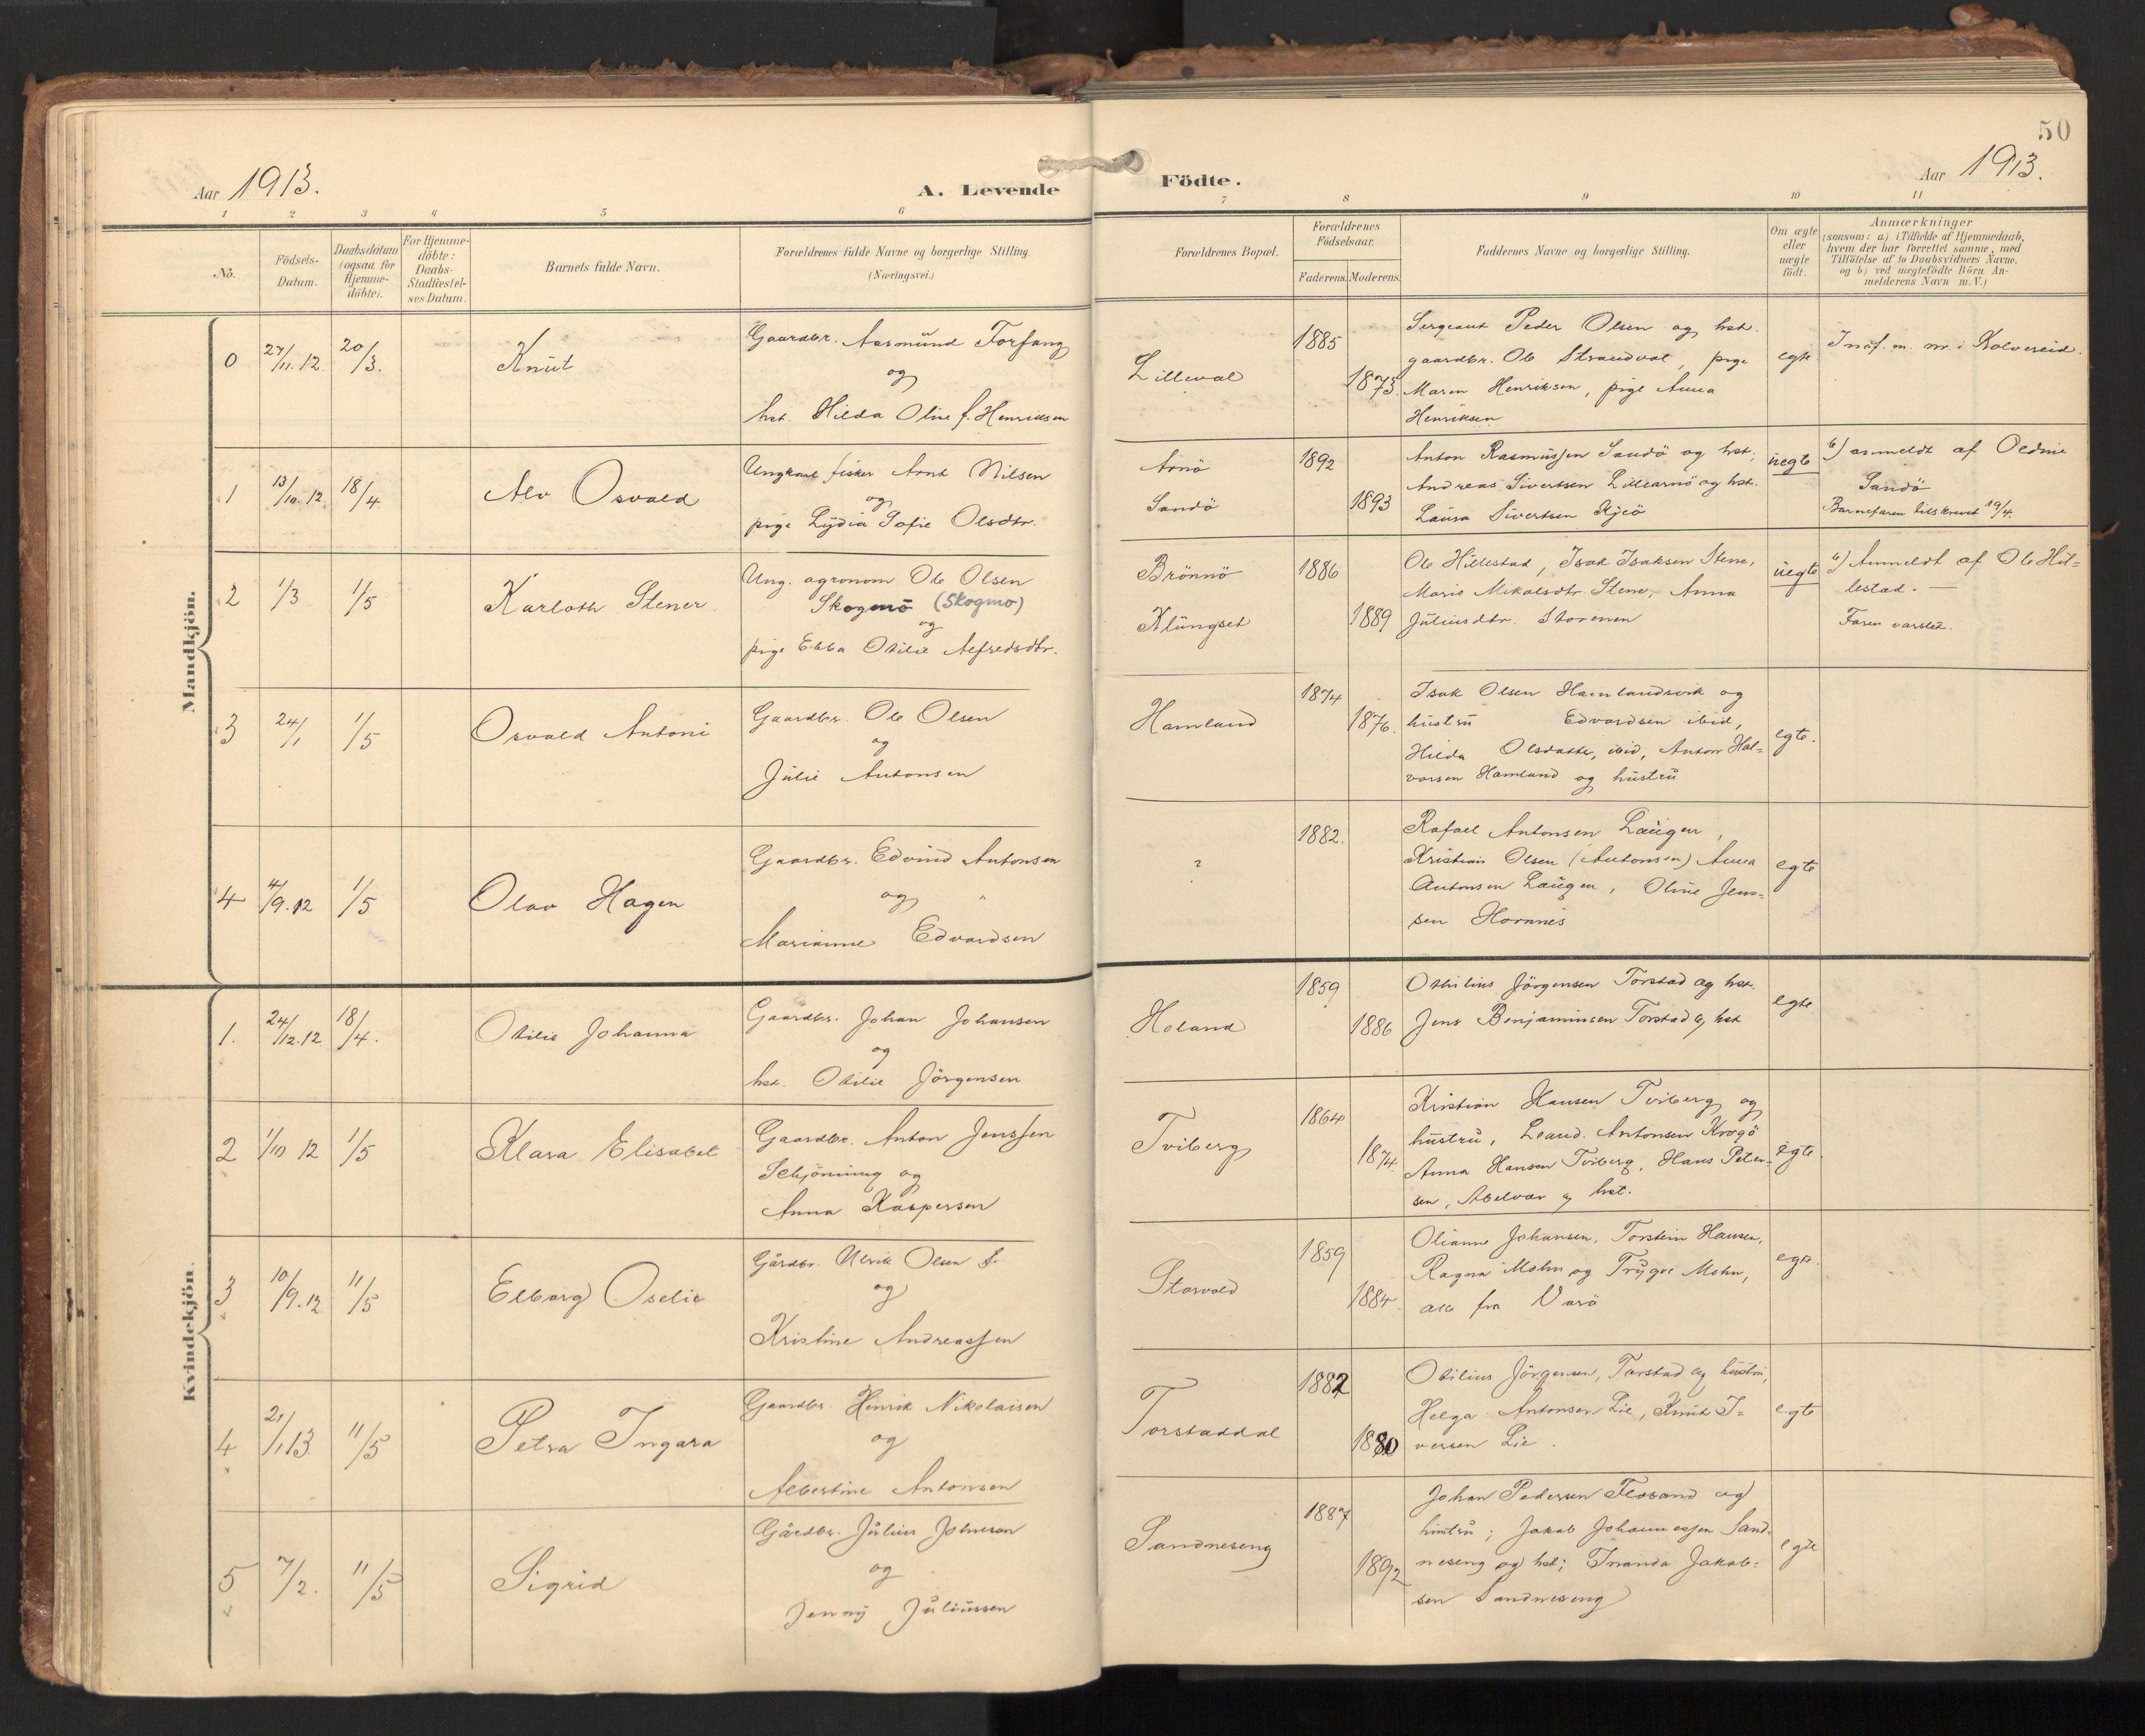 SAT, Ministerialprotokoller, klokkerbøker og fødselsregistre - Nord-Trøndelag, 784/L0677: Ministerialbok nr. 784A12, 1900-1920, s. 50